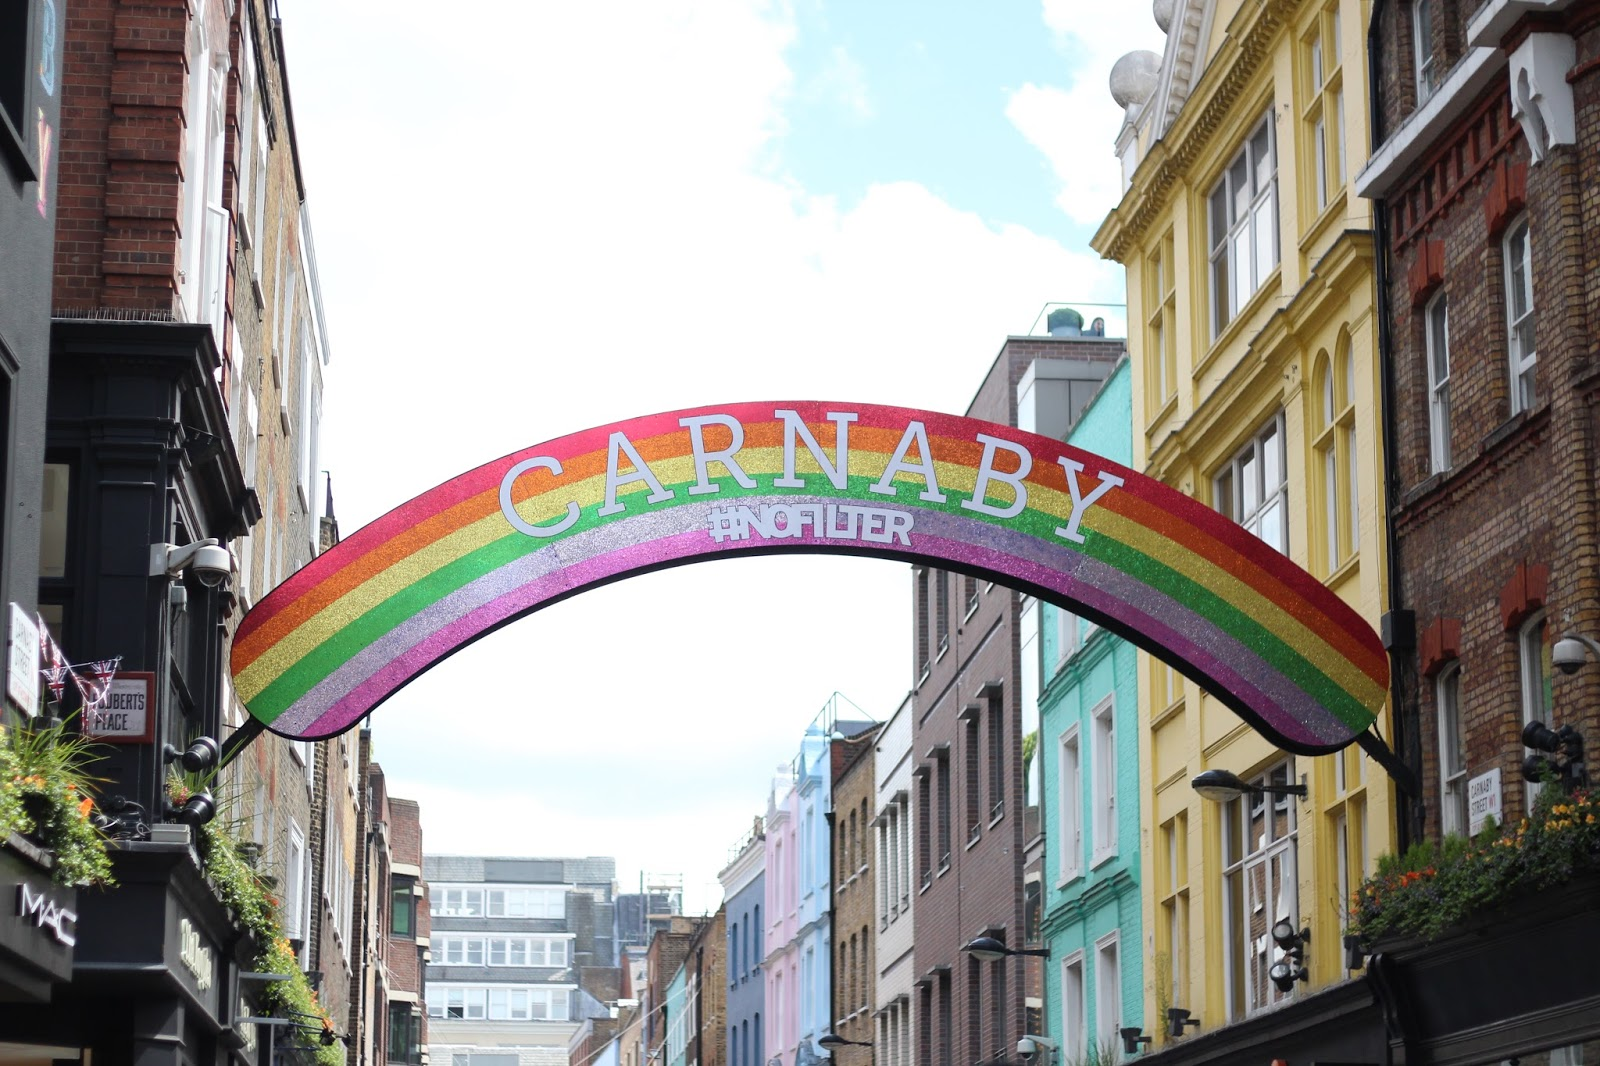 Gay Pride Carnaby Street London